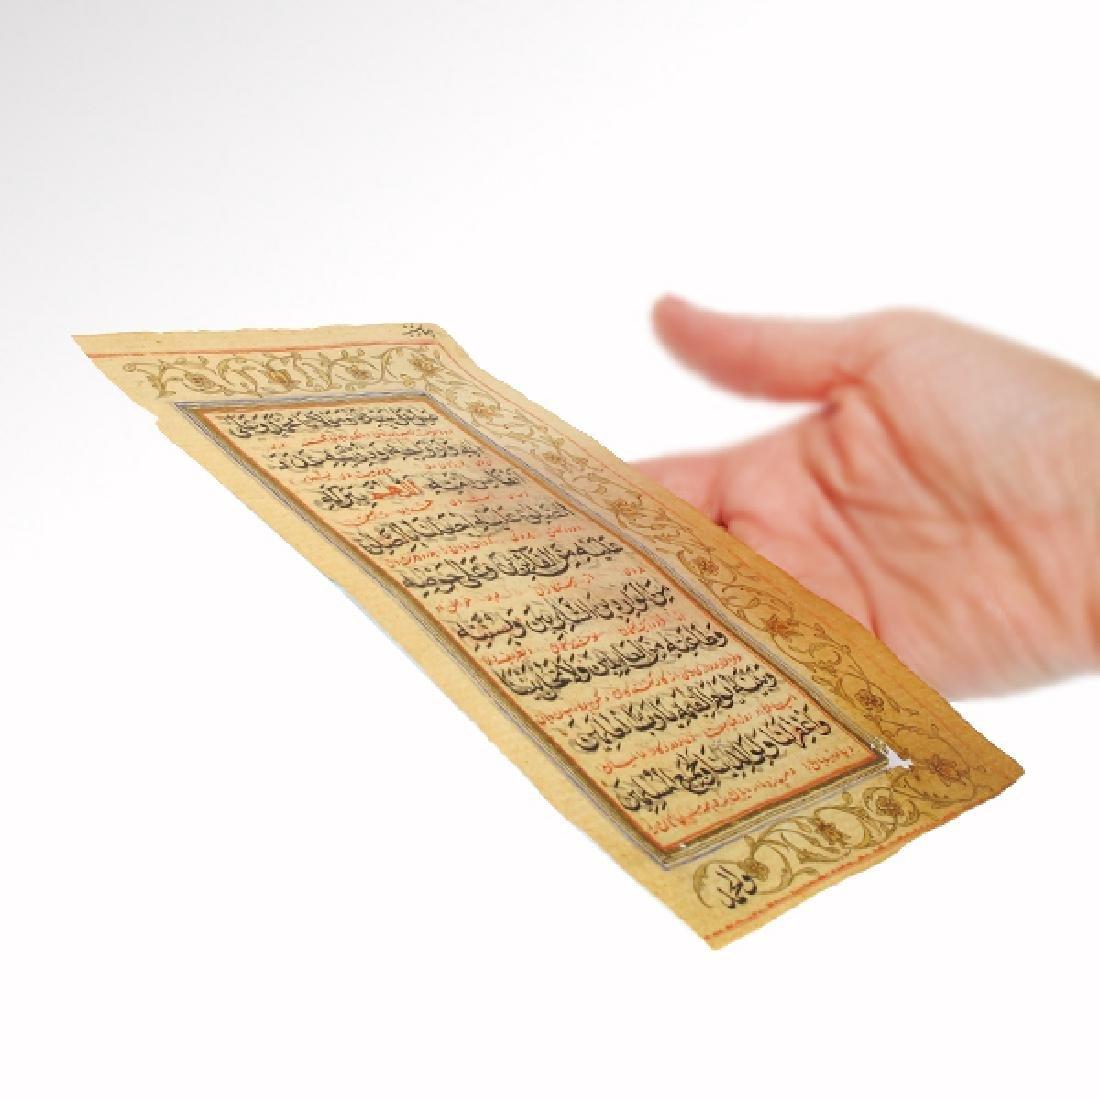 Illuminated and Gilt Manuscript in Arabic and Farsi, - 5